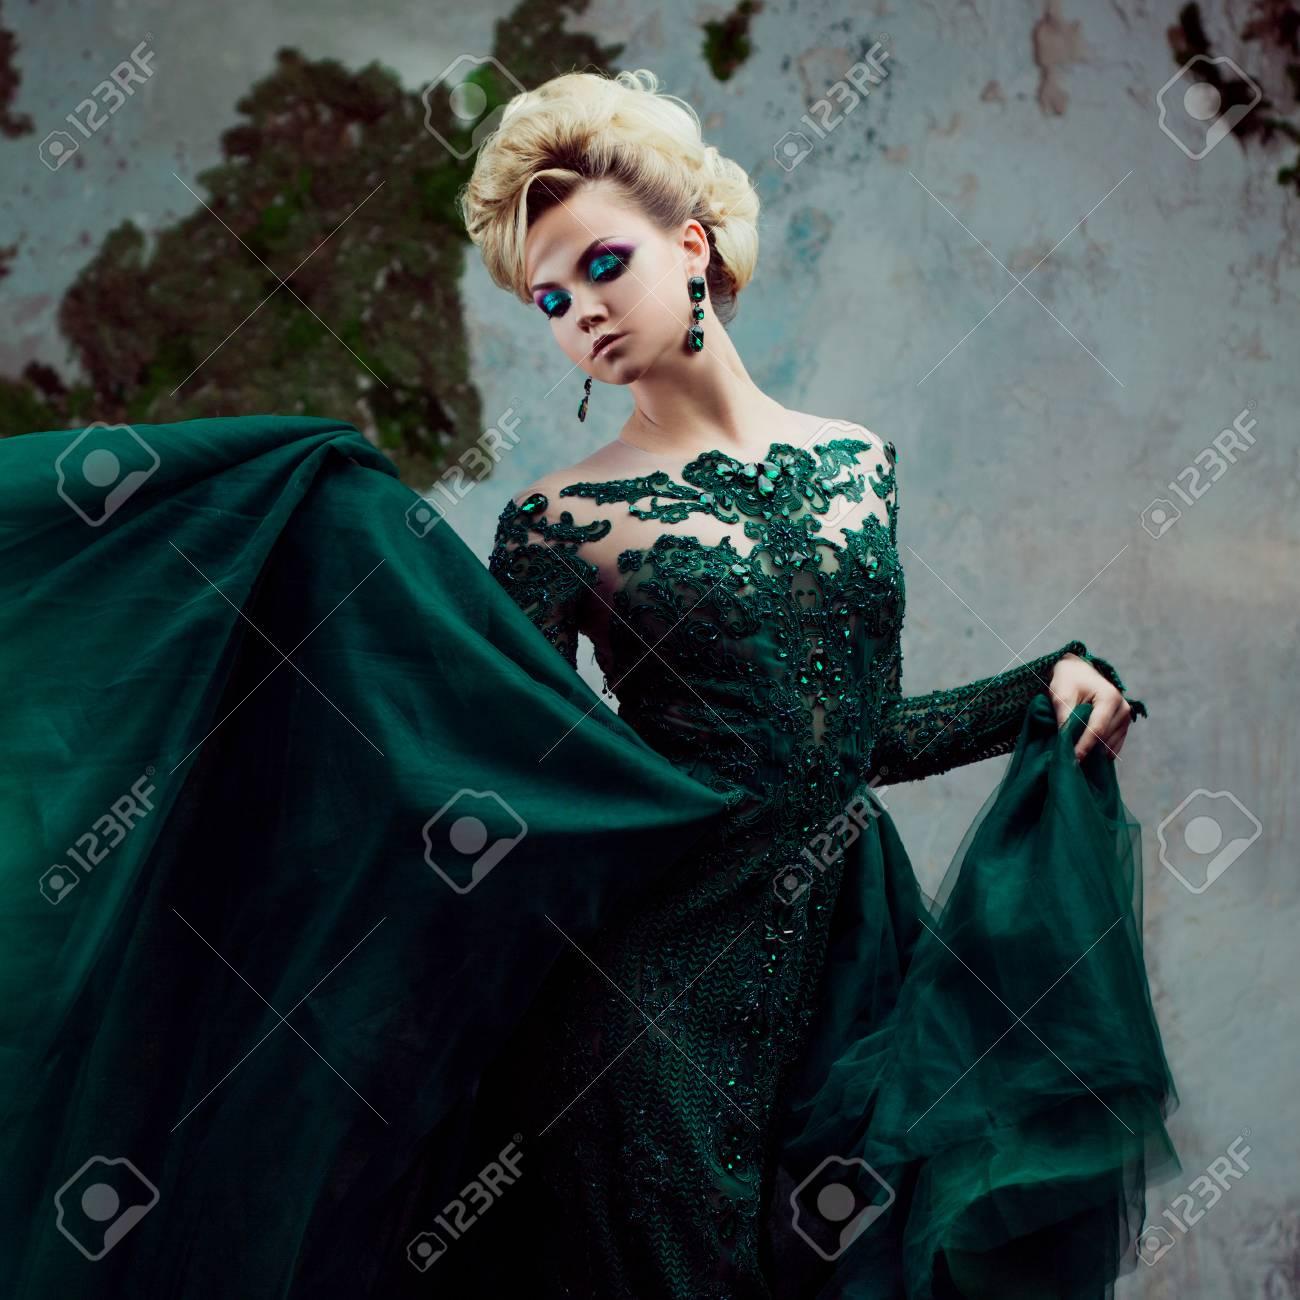 9d759c2d0fb Banque d images - Portrait de jolie jeune femme blonde dans une belle robe  verte. fond texturé